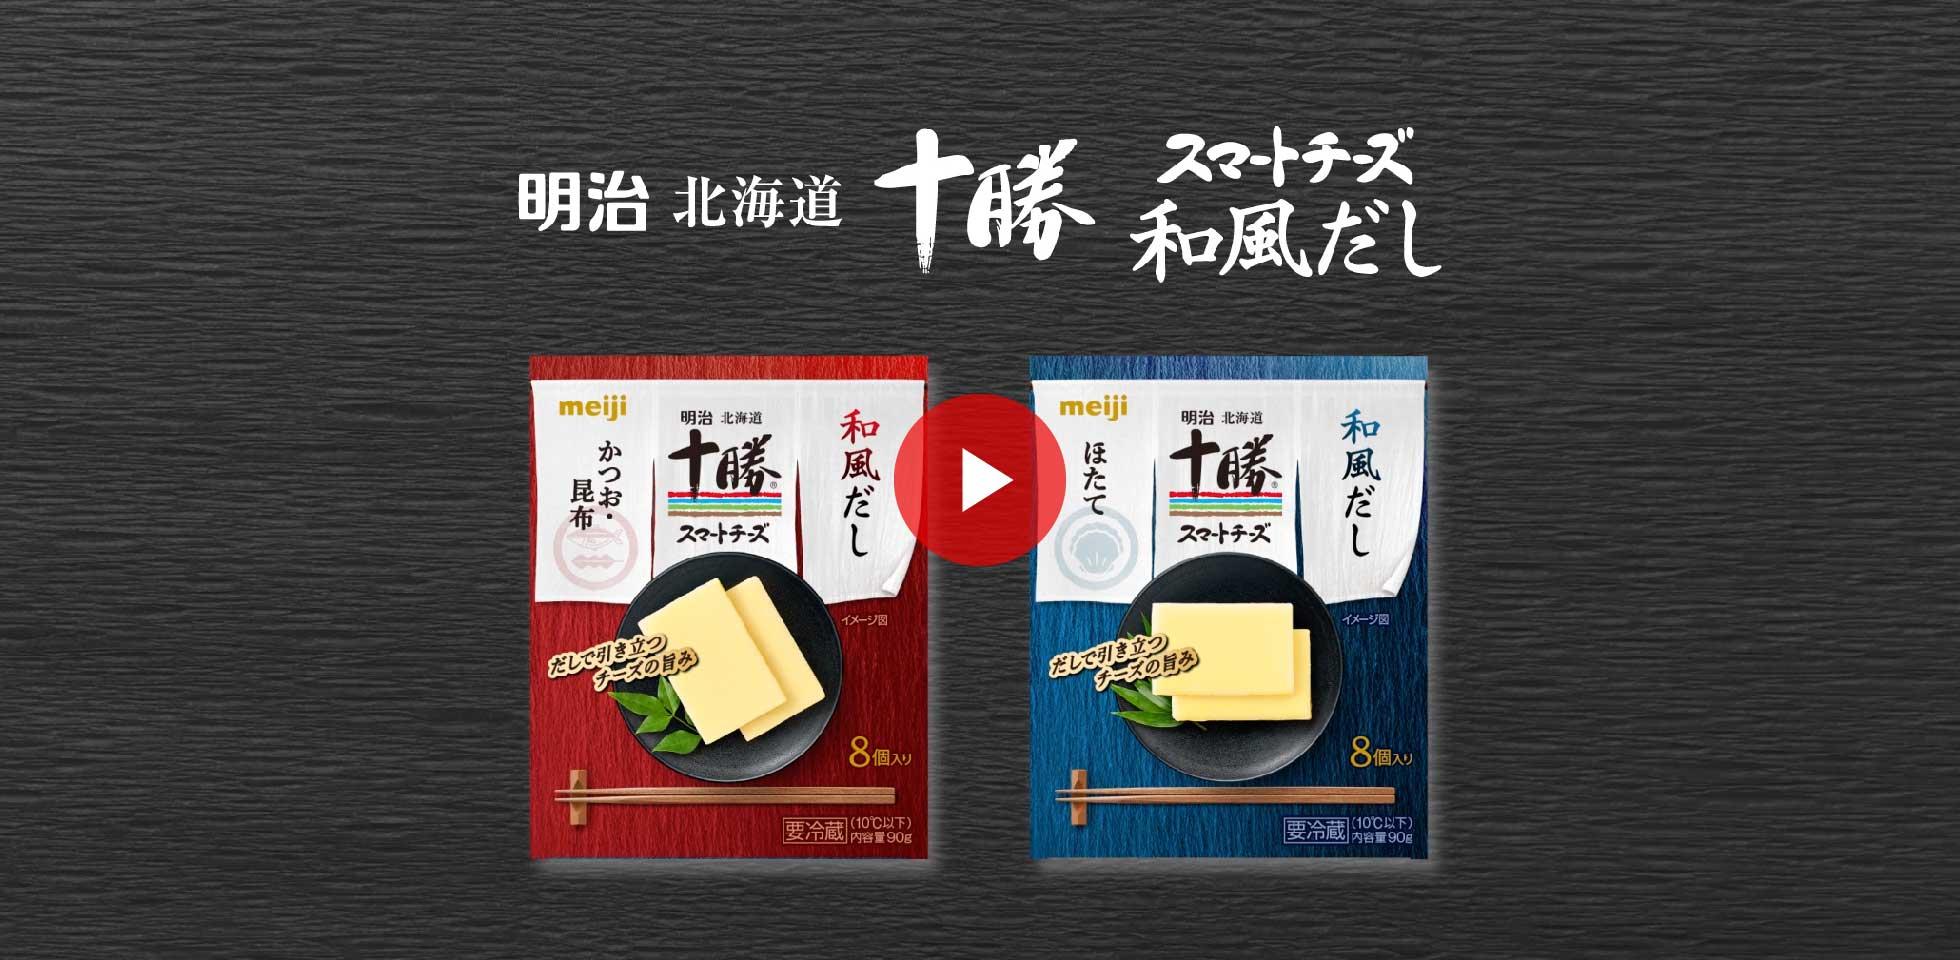 スマートチーズ和風だしスピードくじキャンペーンで毎日100名、合計1400名に「明治北海道十勝スマートチーズ和風だし」が当たる。~4/8。